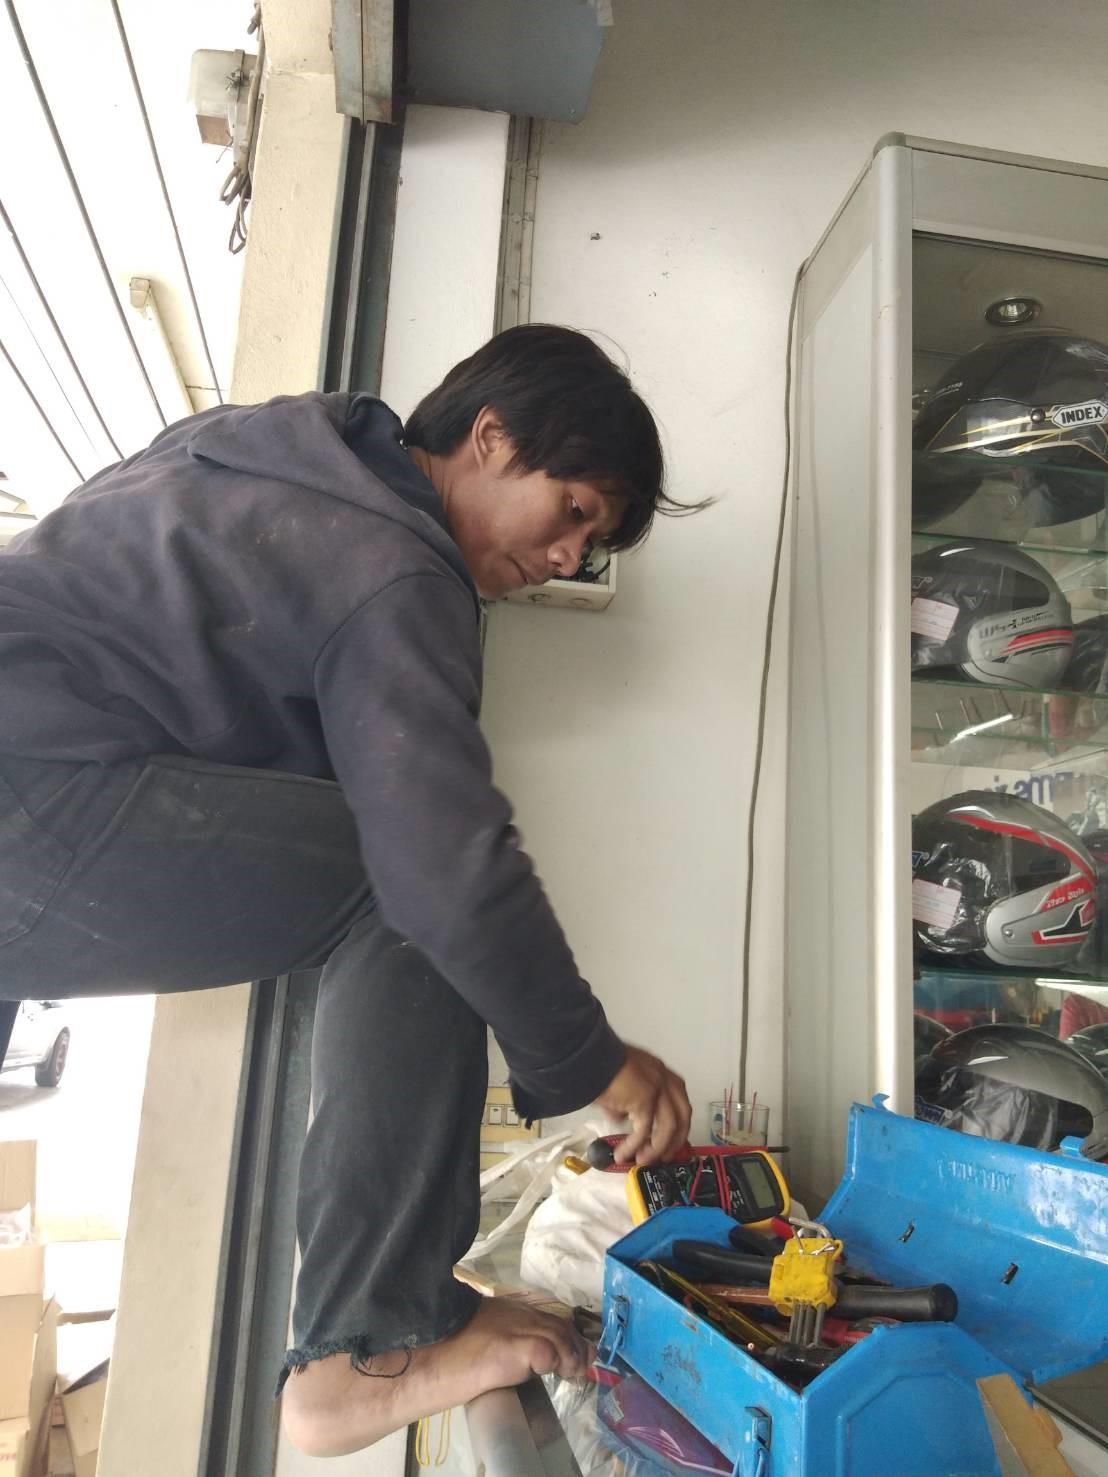 ช่างซ่อม ไฟฟ้า ปั้มน้ำ ด่วน 0882750965 idline @ckj5753k